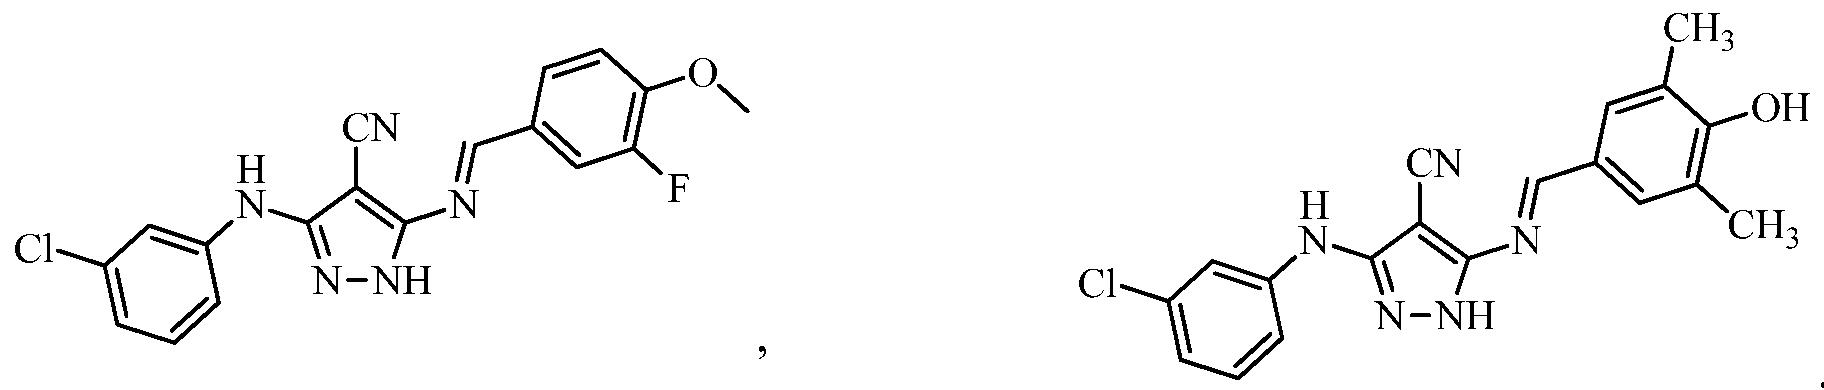 Figure imgf000168_0005